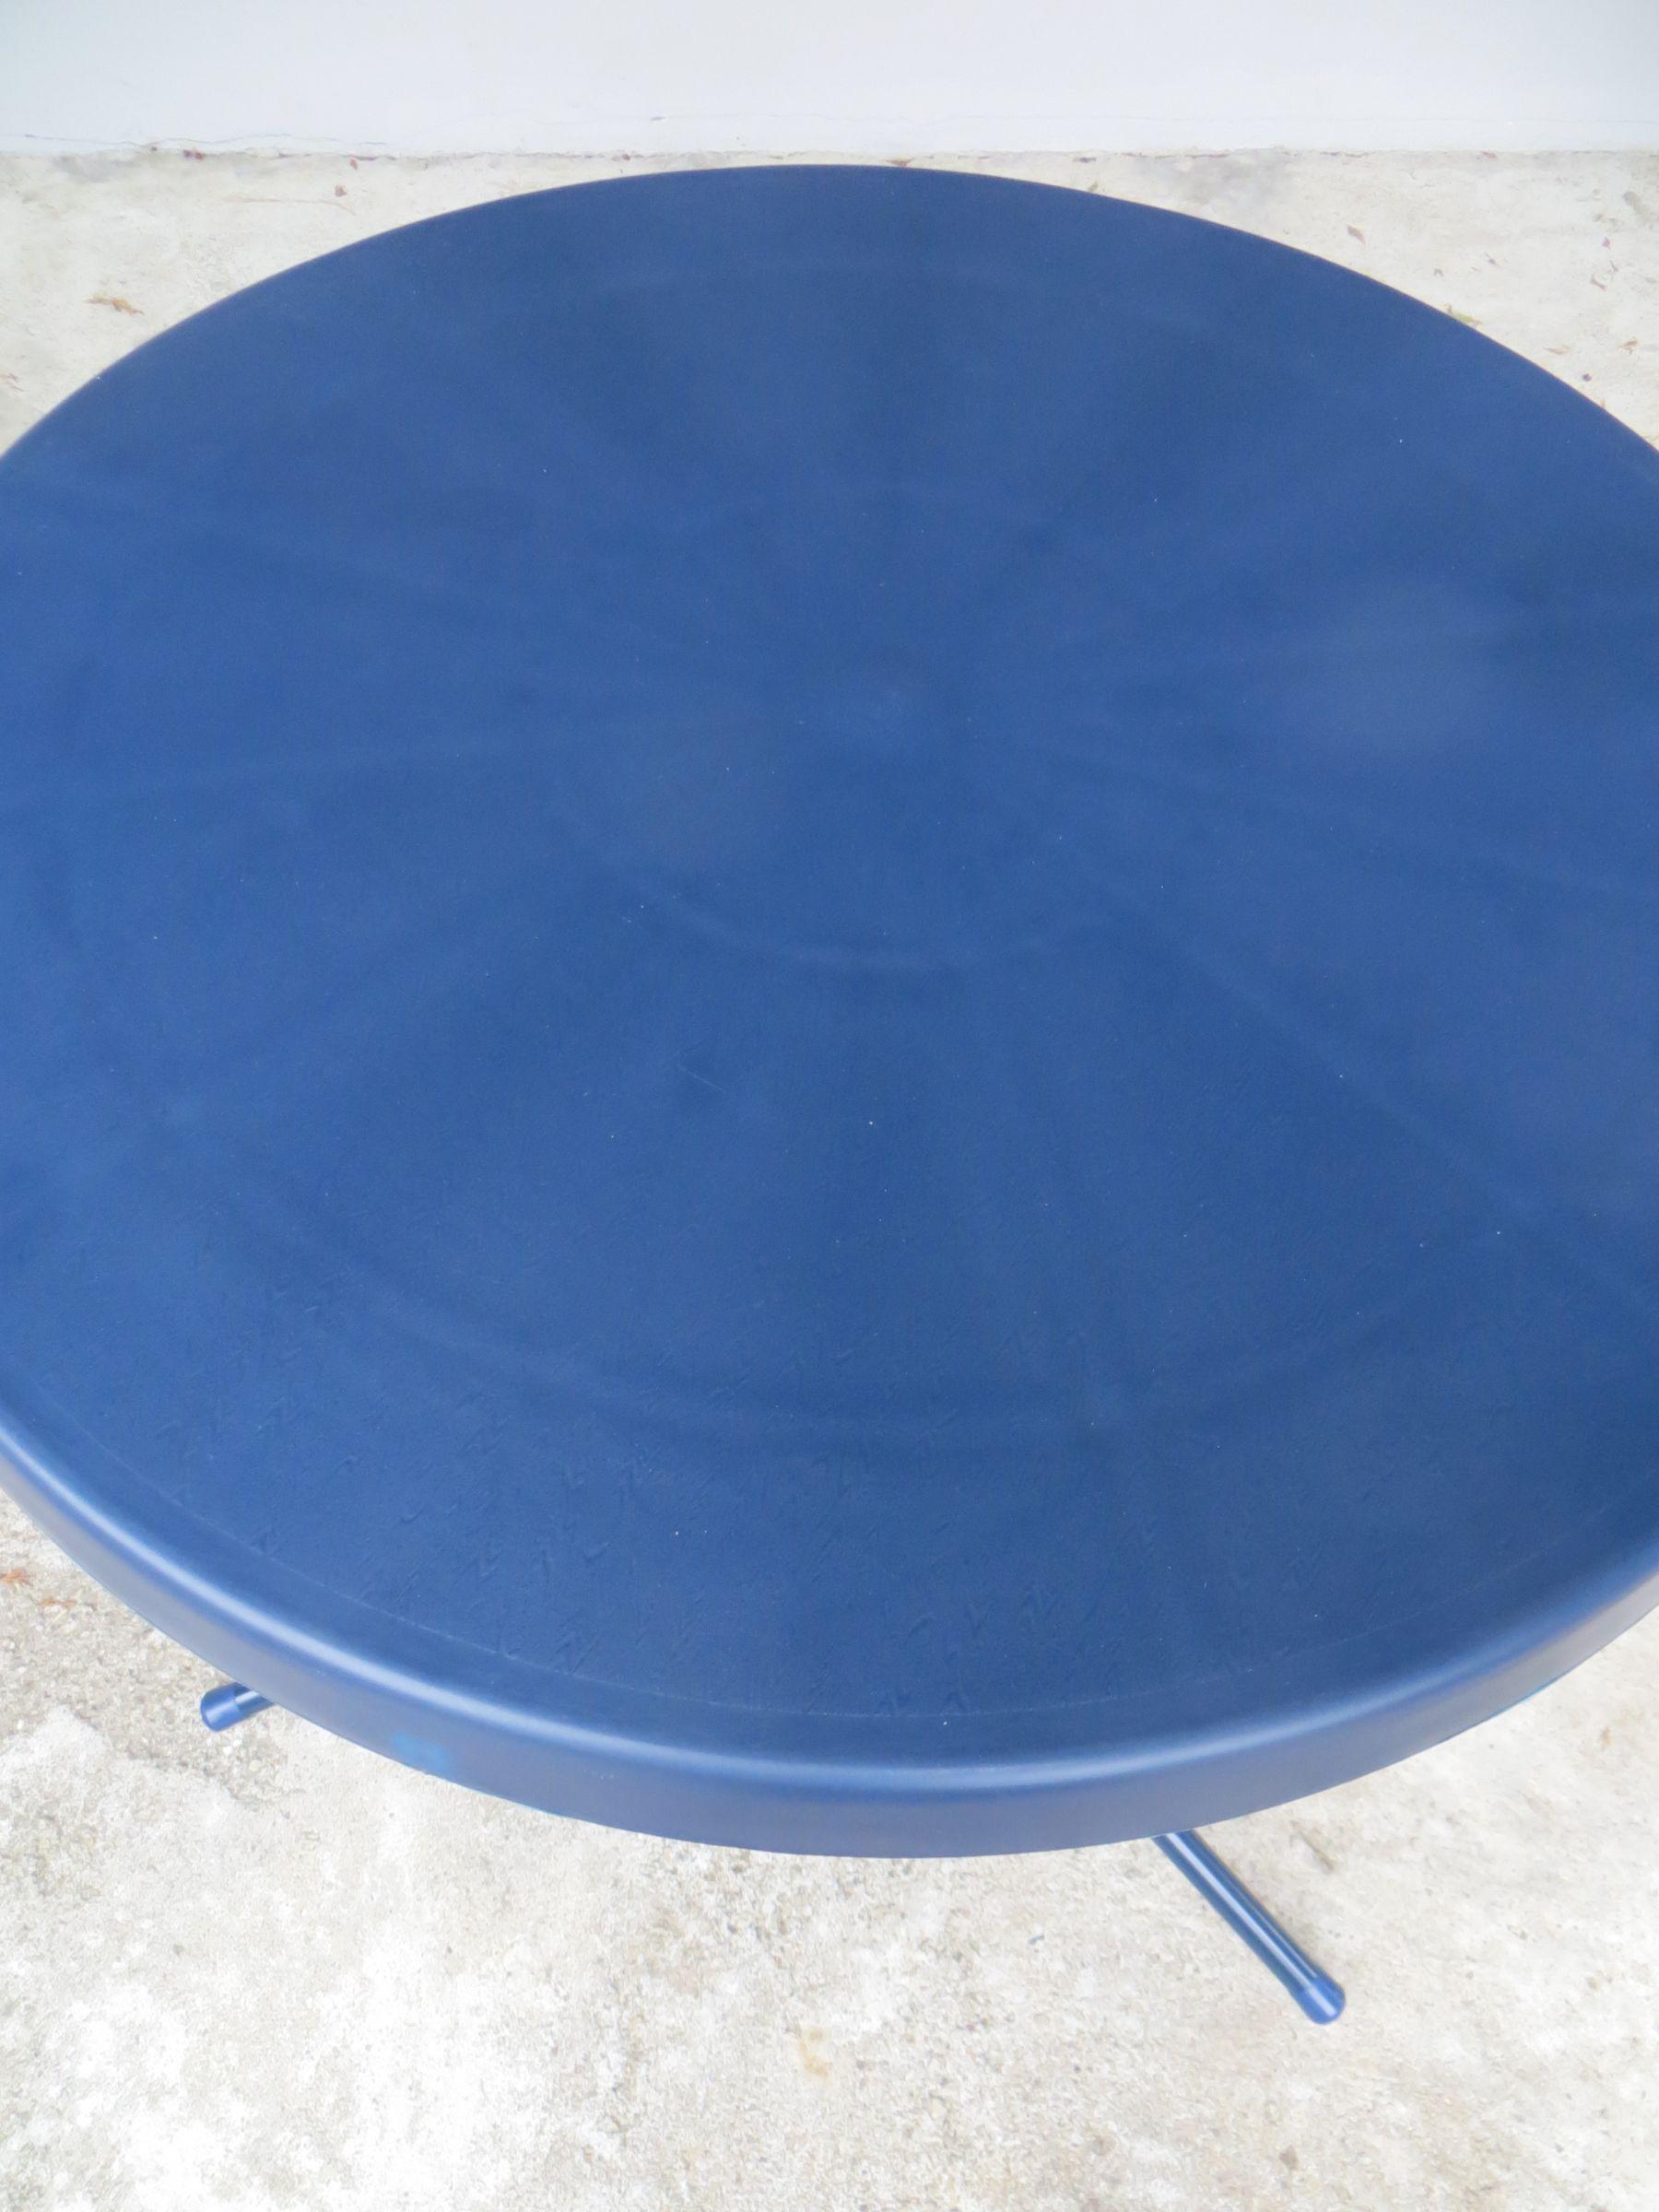 Bistrotisch Gartentisch Balkontisch Mit Kunststoffplatte O 60cm